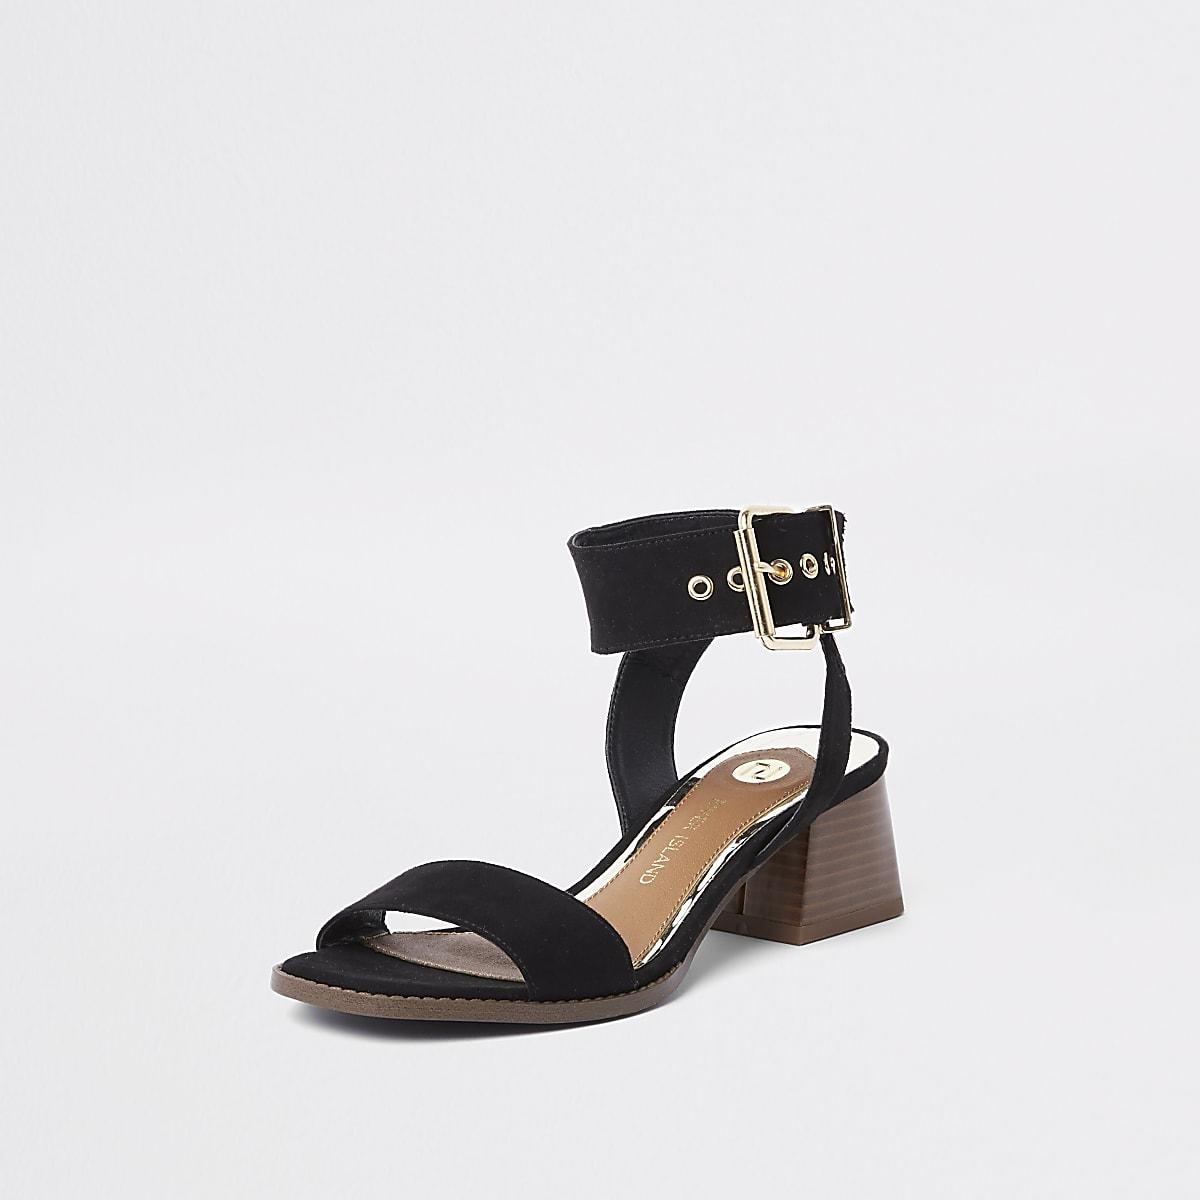 7fb00c22827d Black two part block heel sandals - Sandals - Shoes   Boots - women